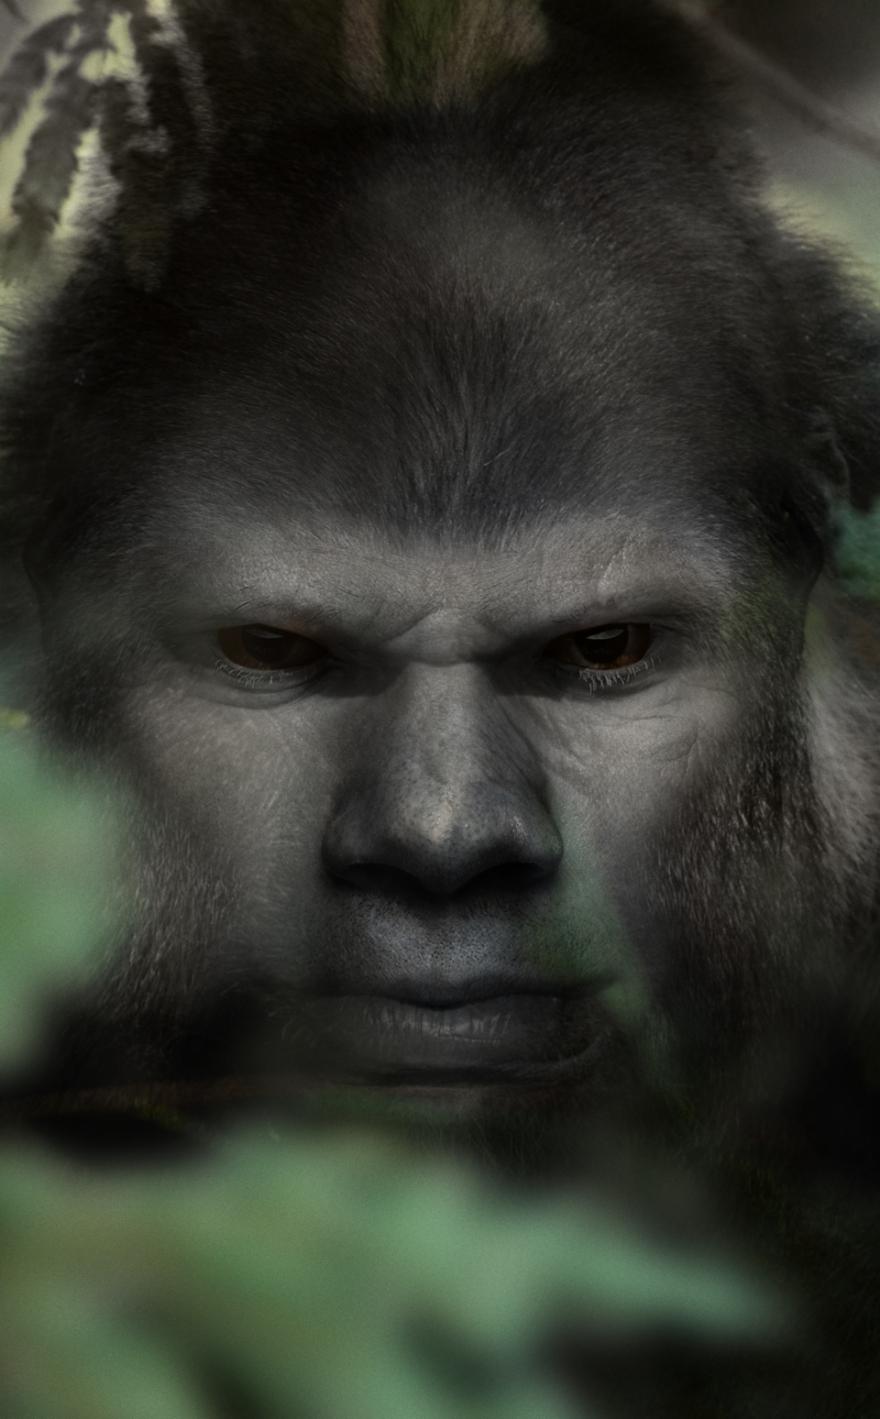 Bigfoot-Face-24b